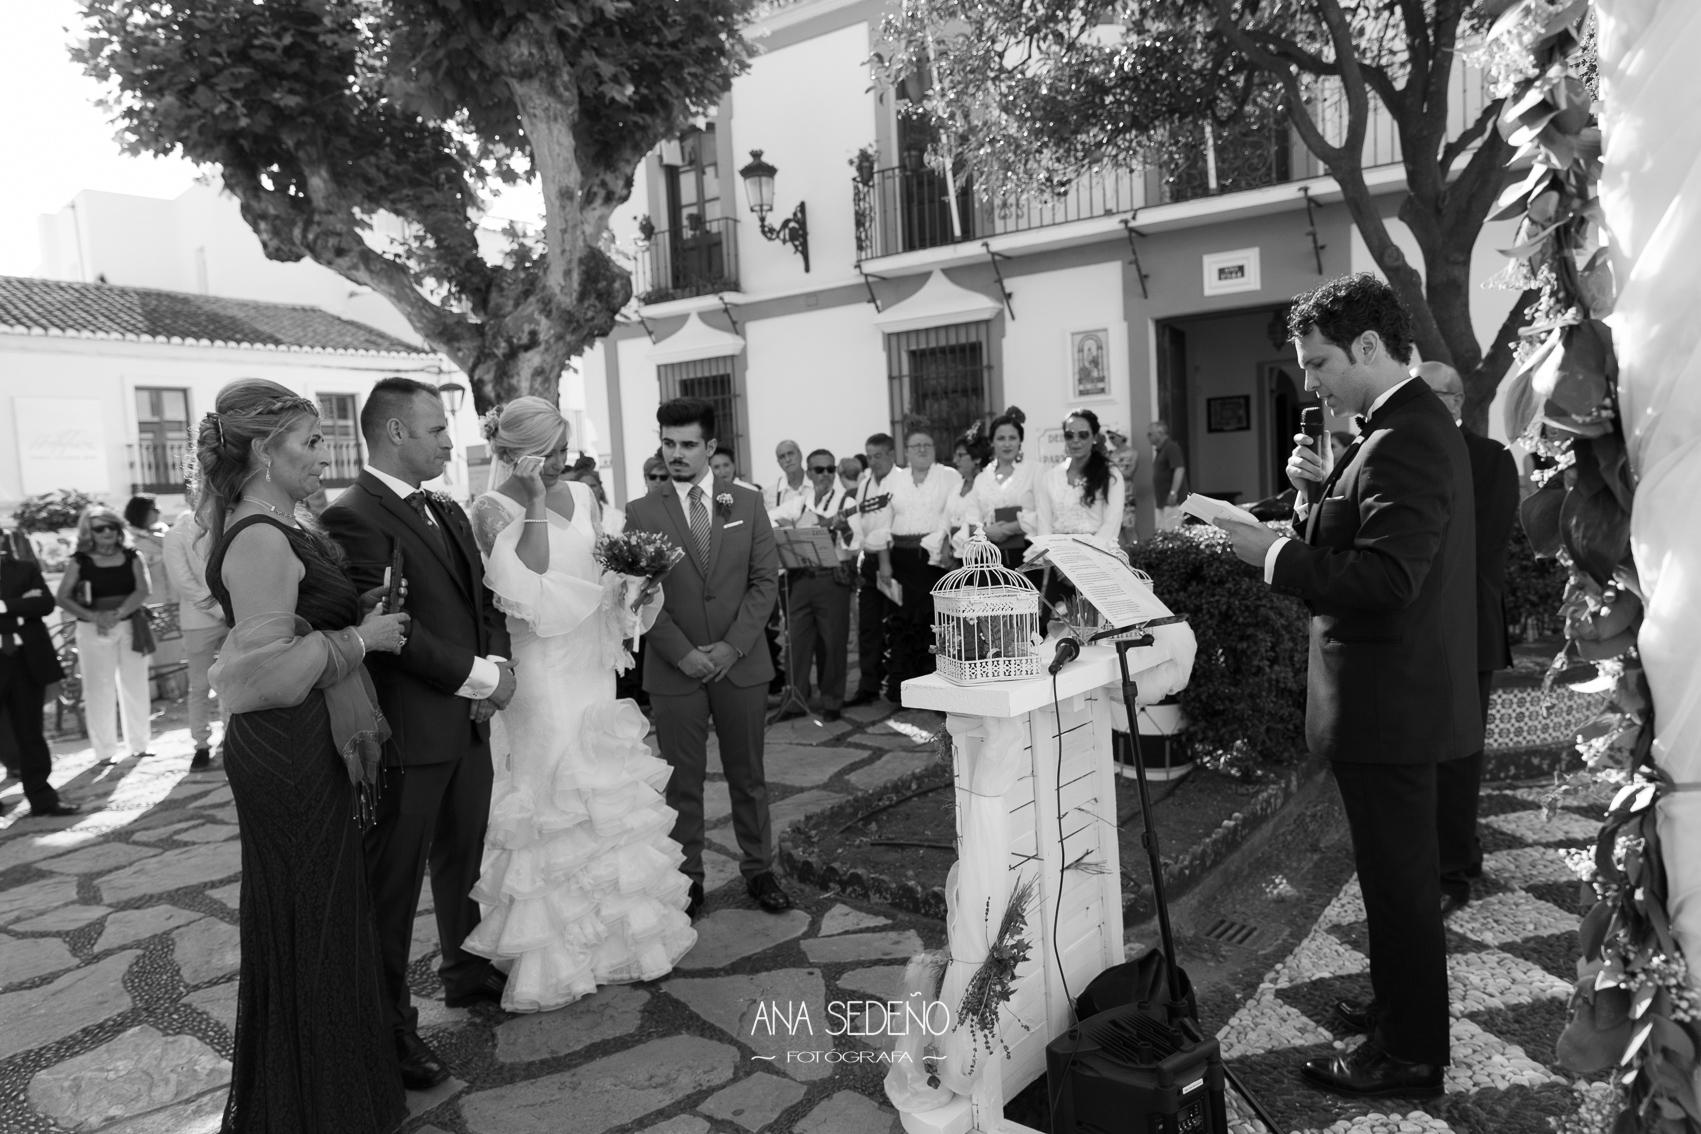 Ana Sedeño Fotografa.-BJ&R-0480